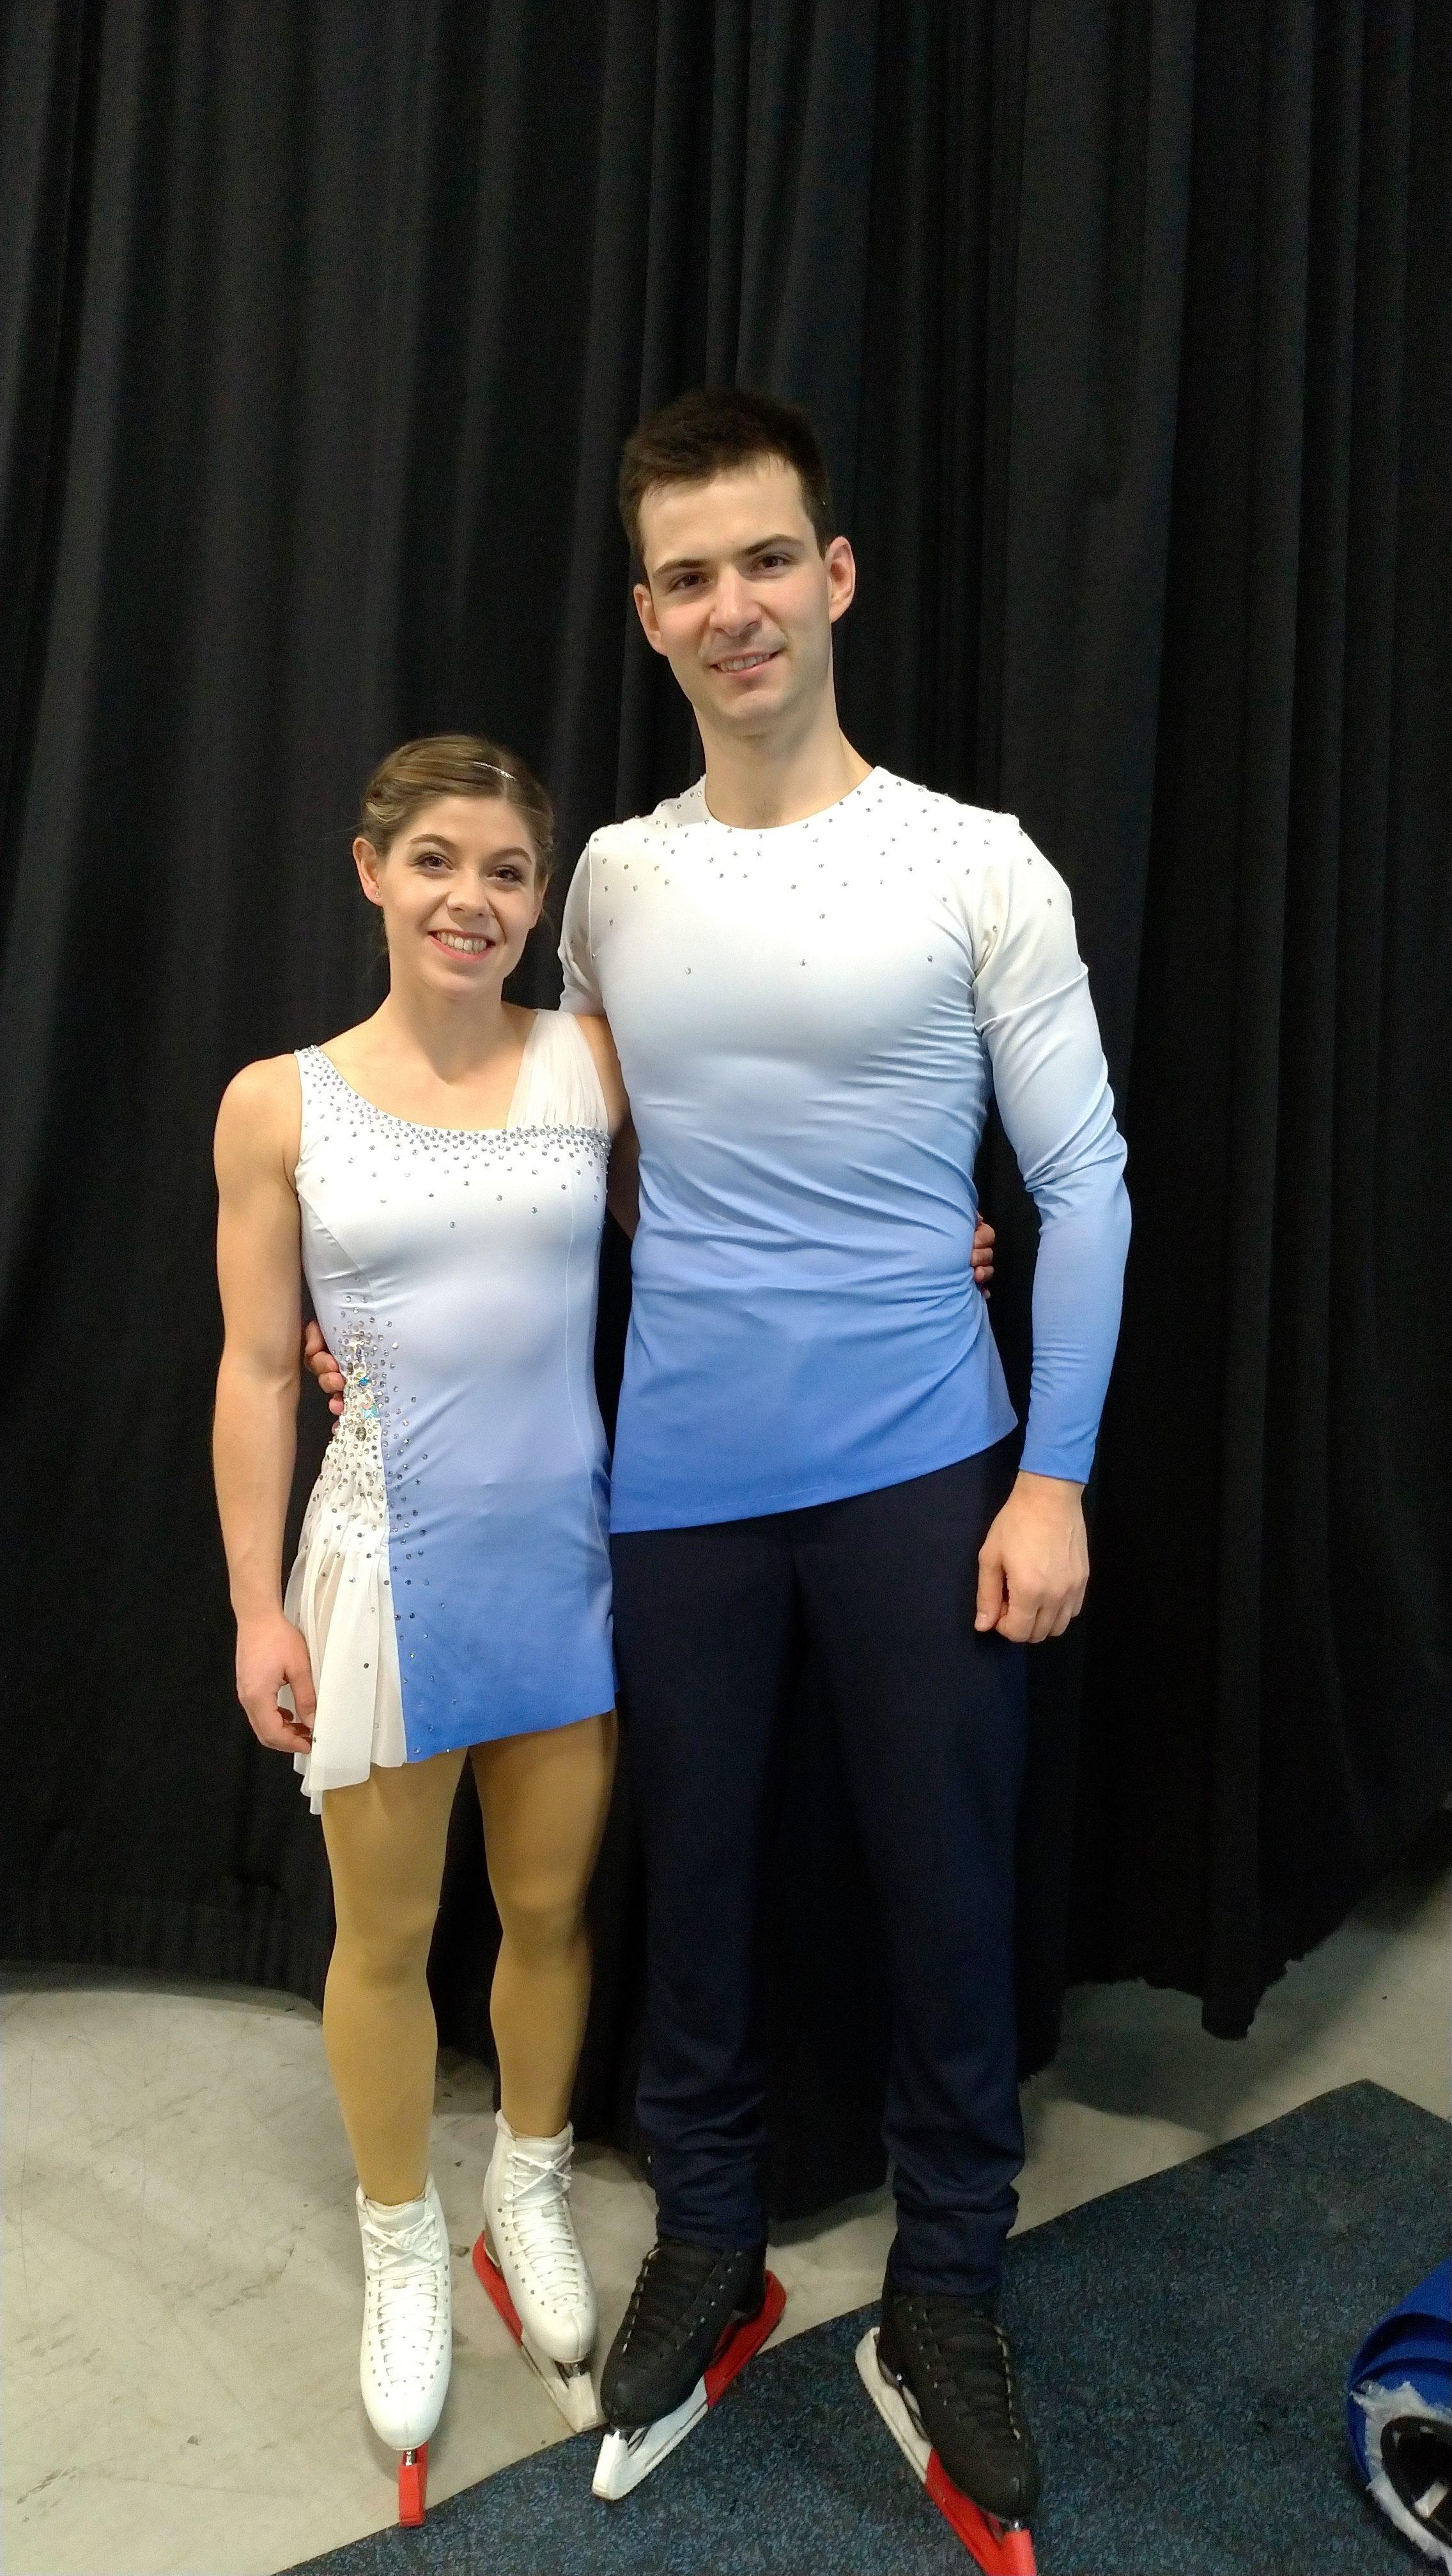 Miriam Ziegler ja Severin Kiefer nähtiin edellisen kerran Suomessa lokakuussa Finlandia Trophy Espoossa, jossa pari sijoittui neljänneksi.